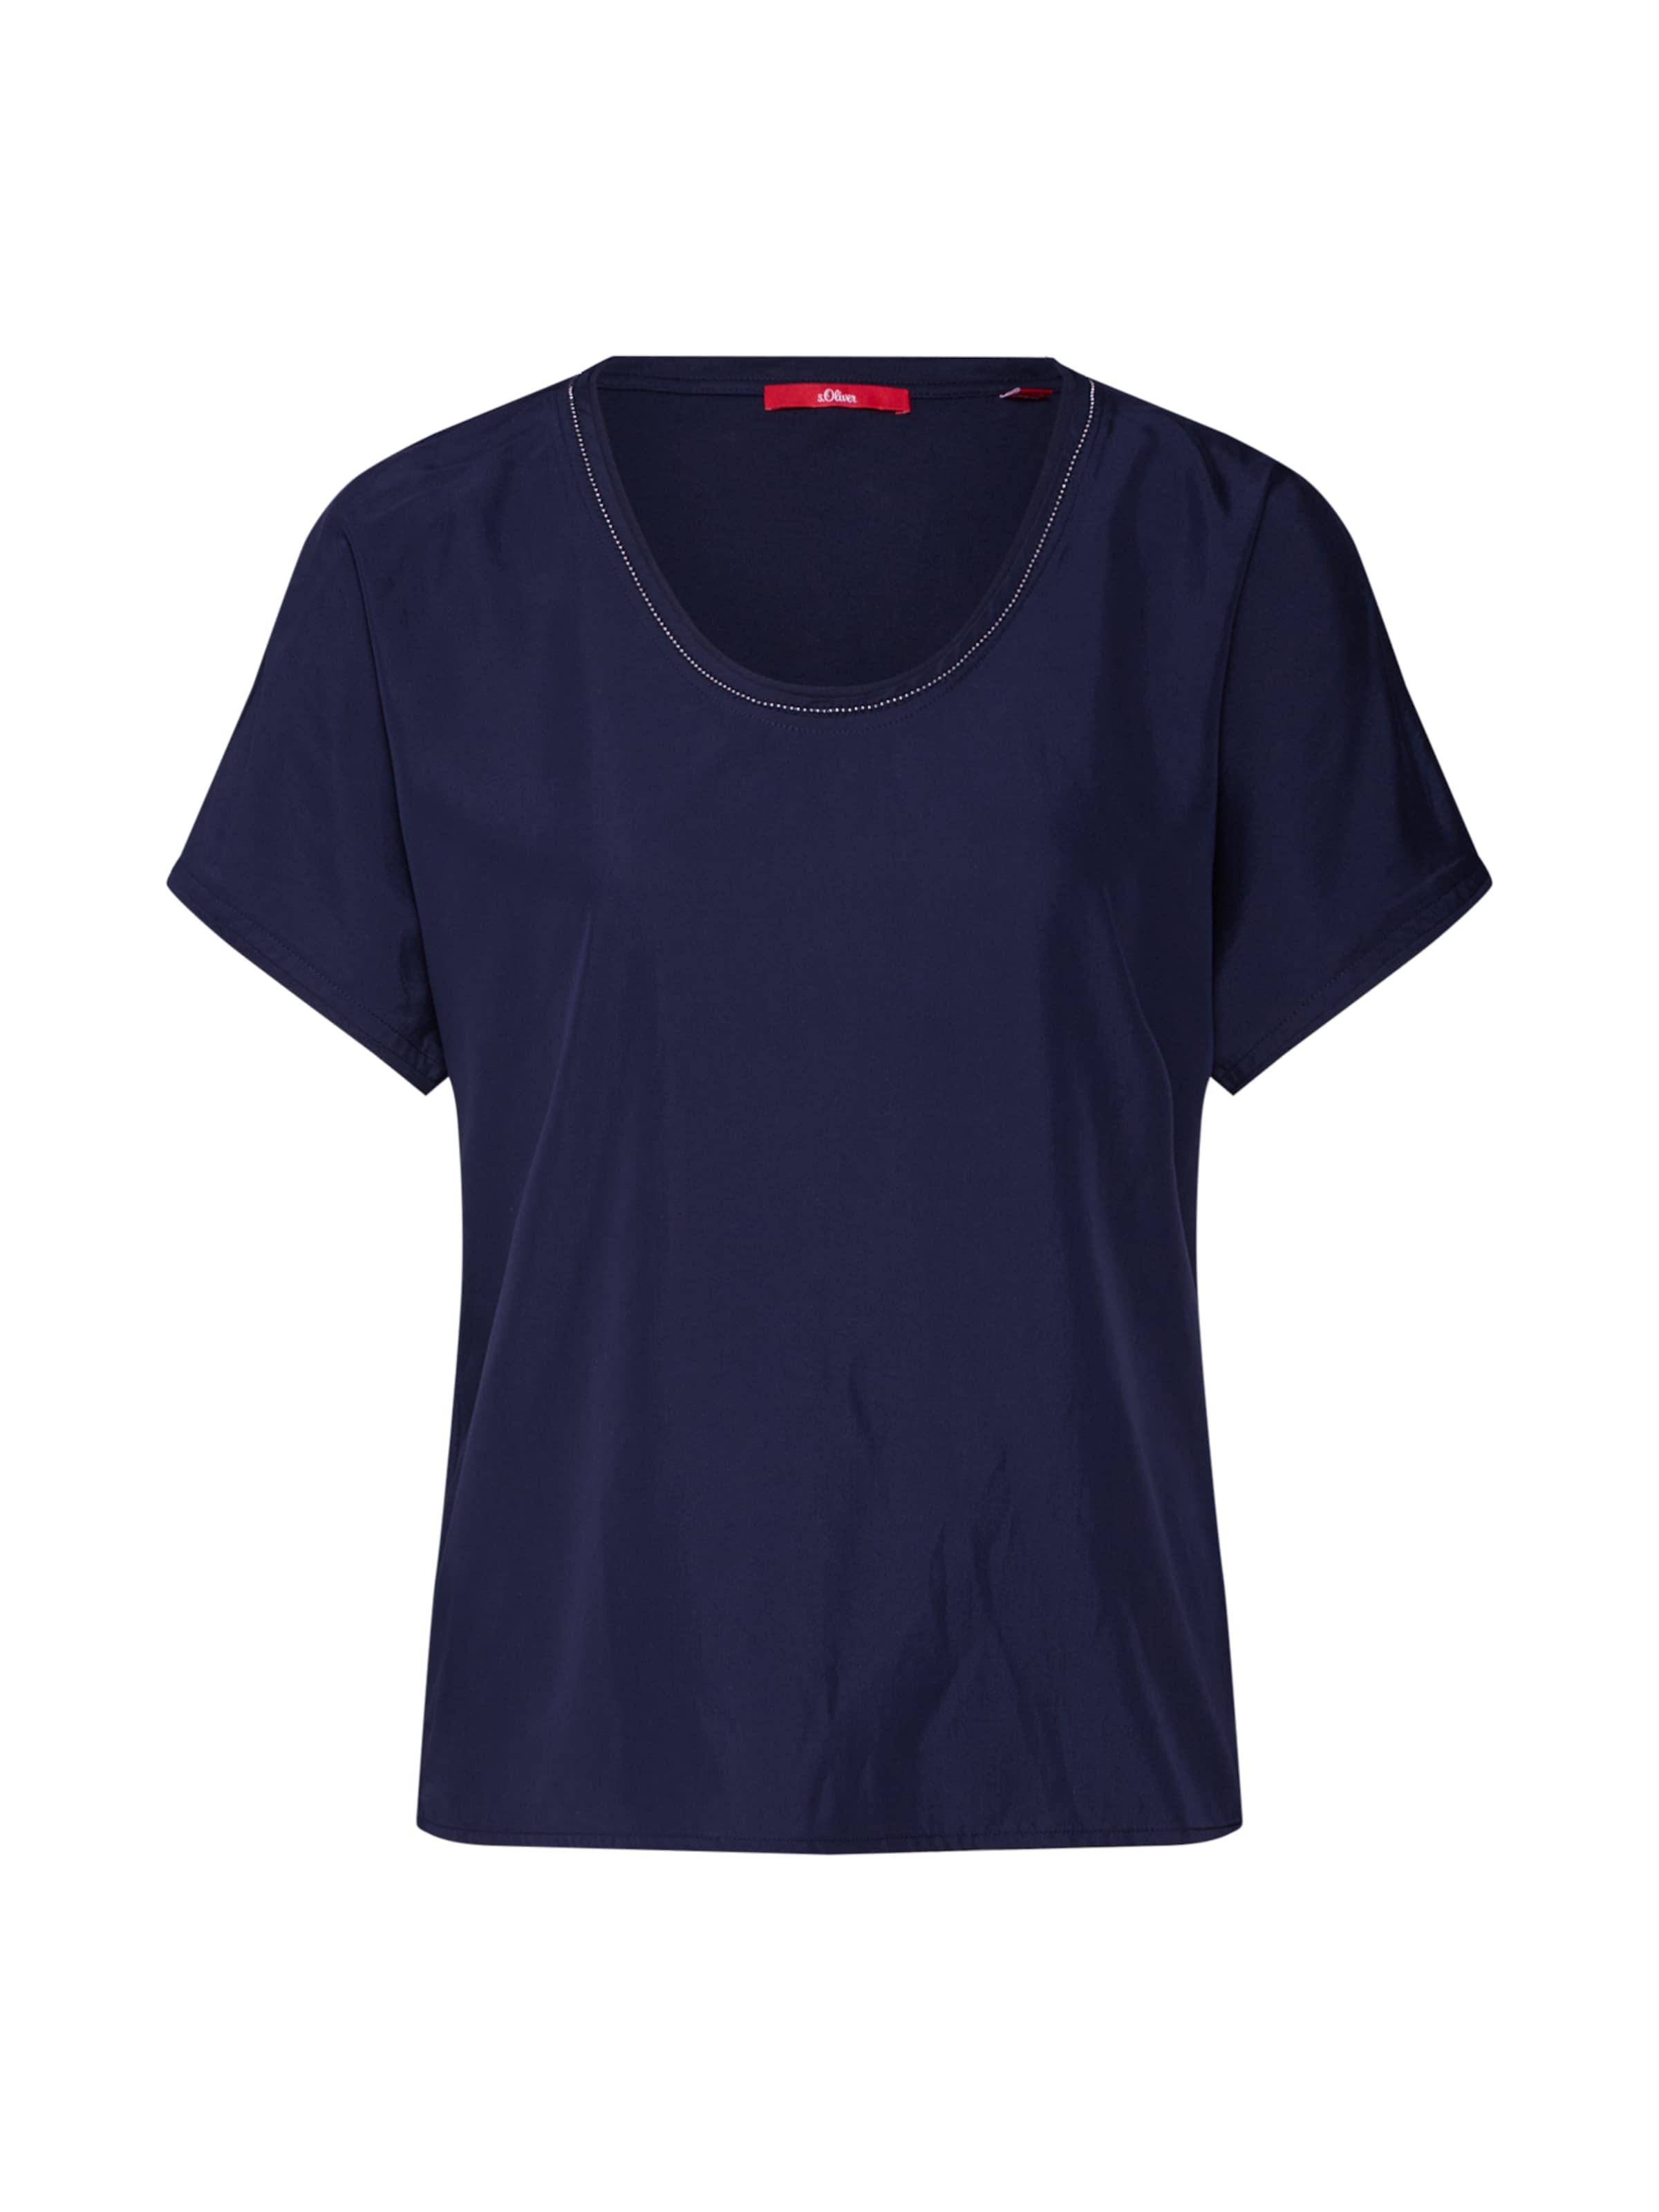 Red shirt Label Bleu oliver T S Marine En XOTikuPZ